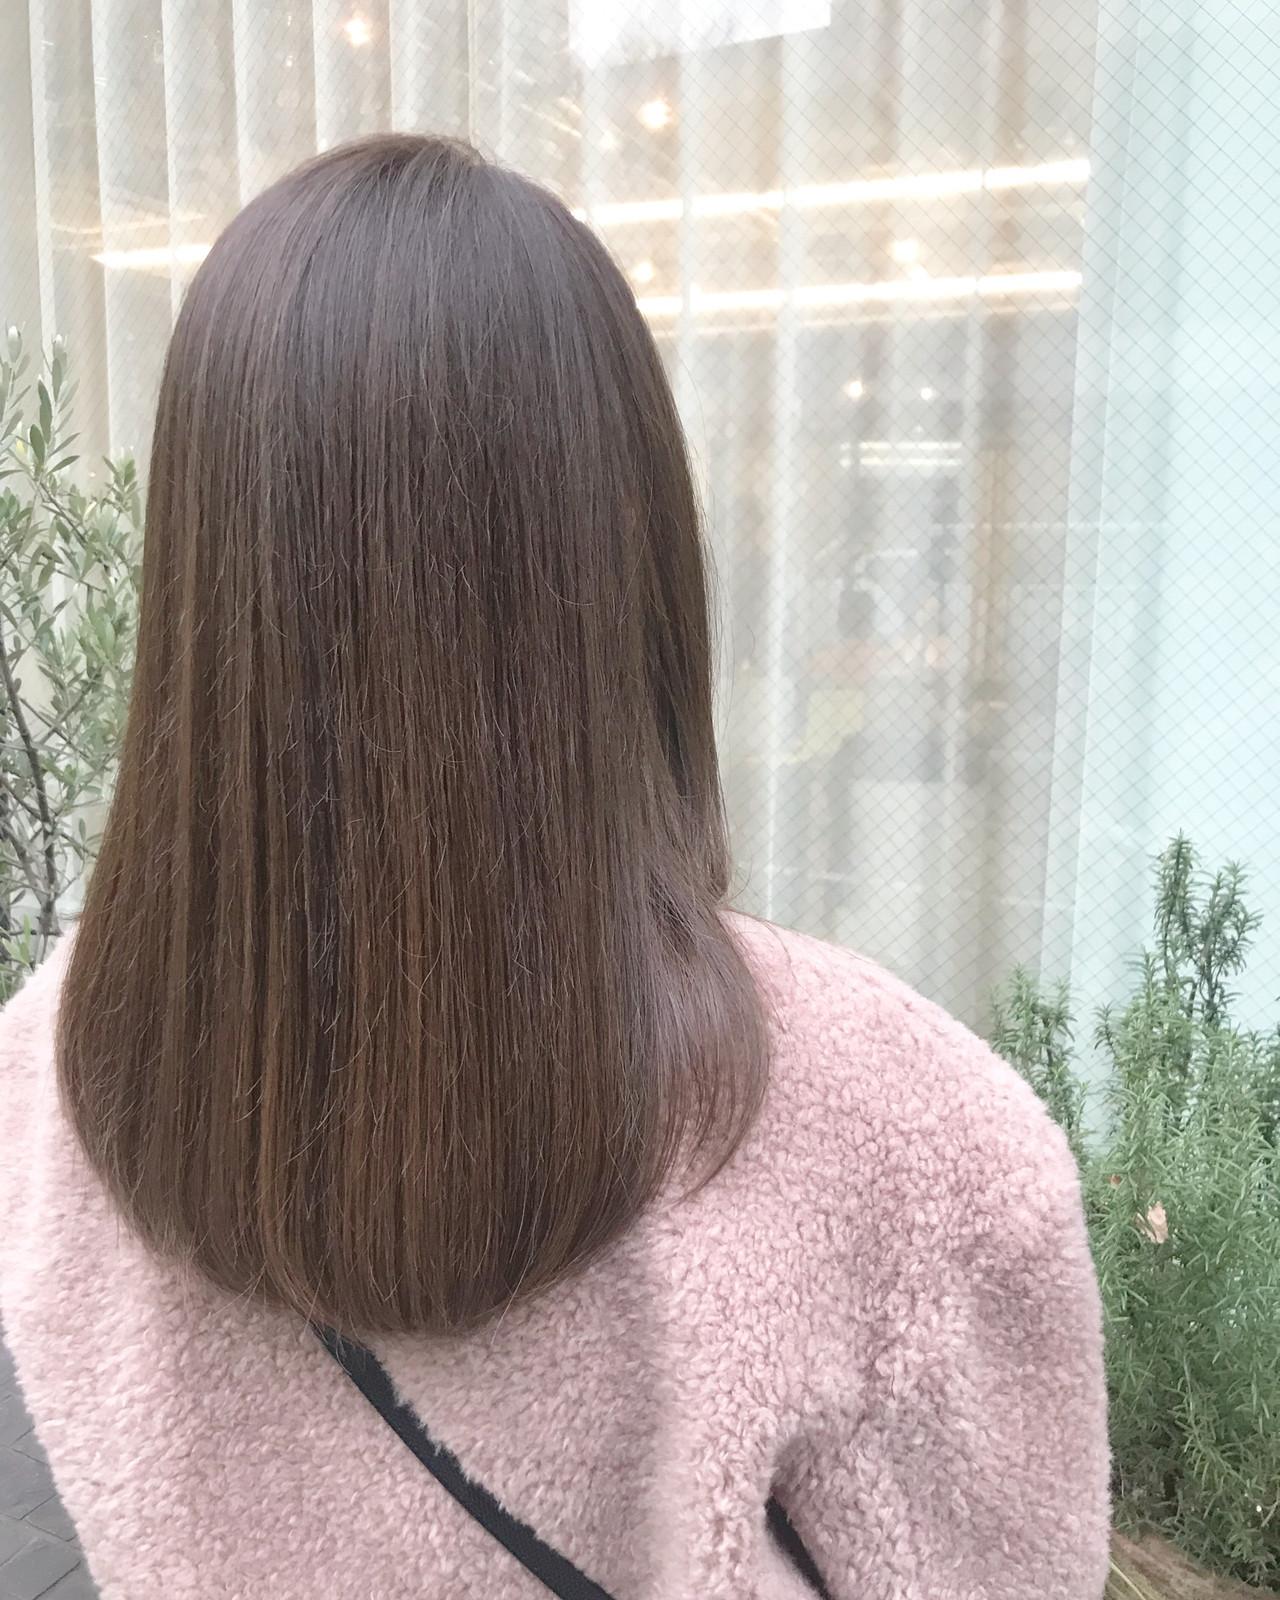 セミロング ガーリー AVEDA グレージュ ヘアスタイルや髪型の写真・画像